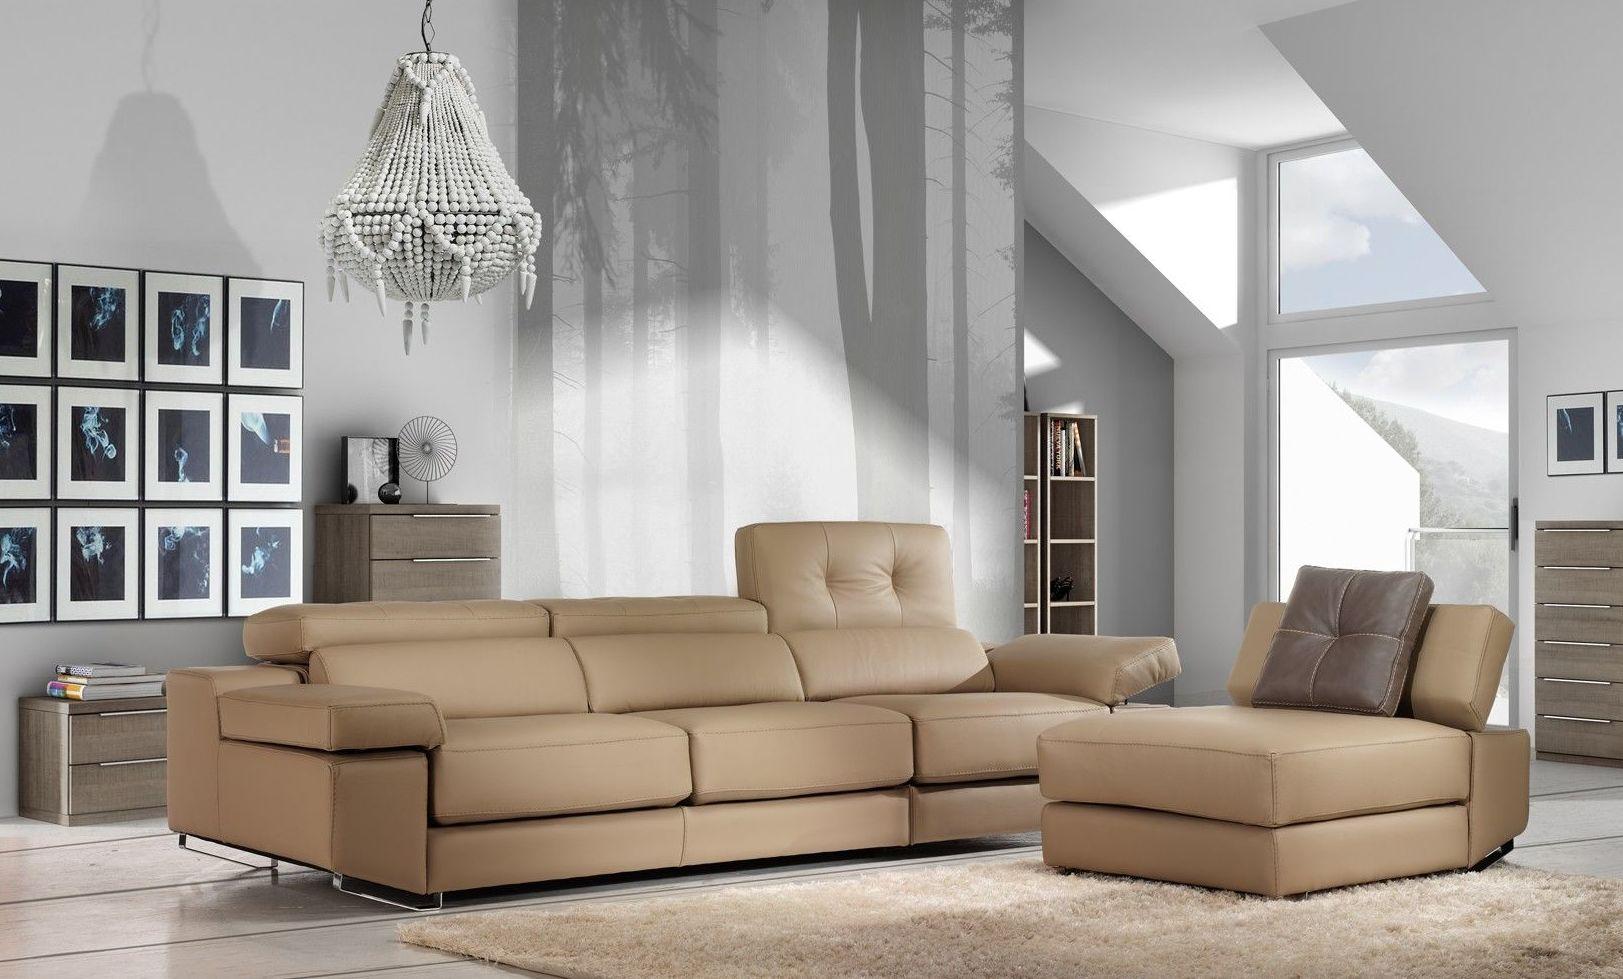 Sofa chaiselonge partida: Nuestros muebles de Muebles Aguado